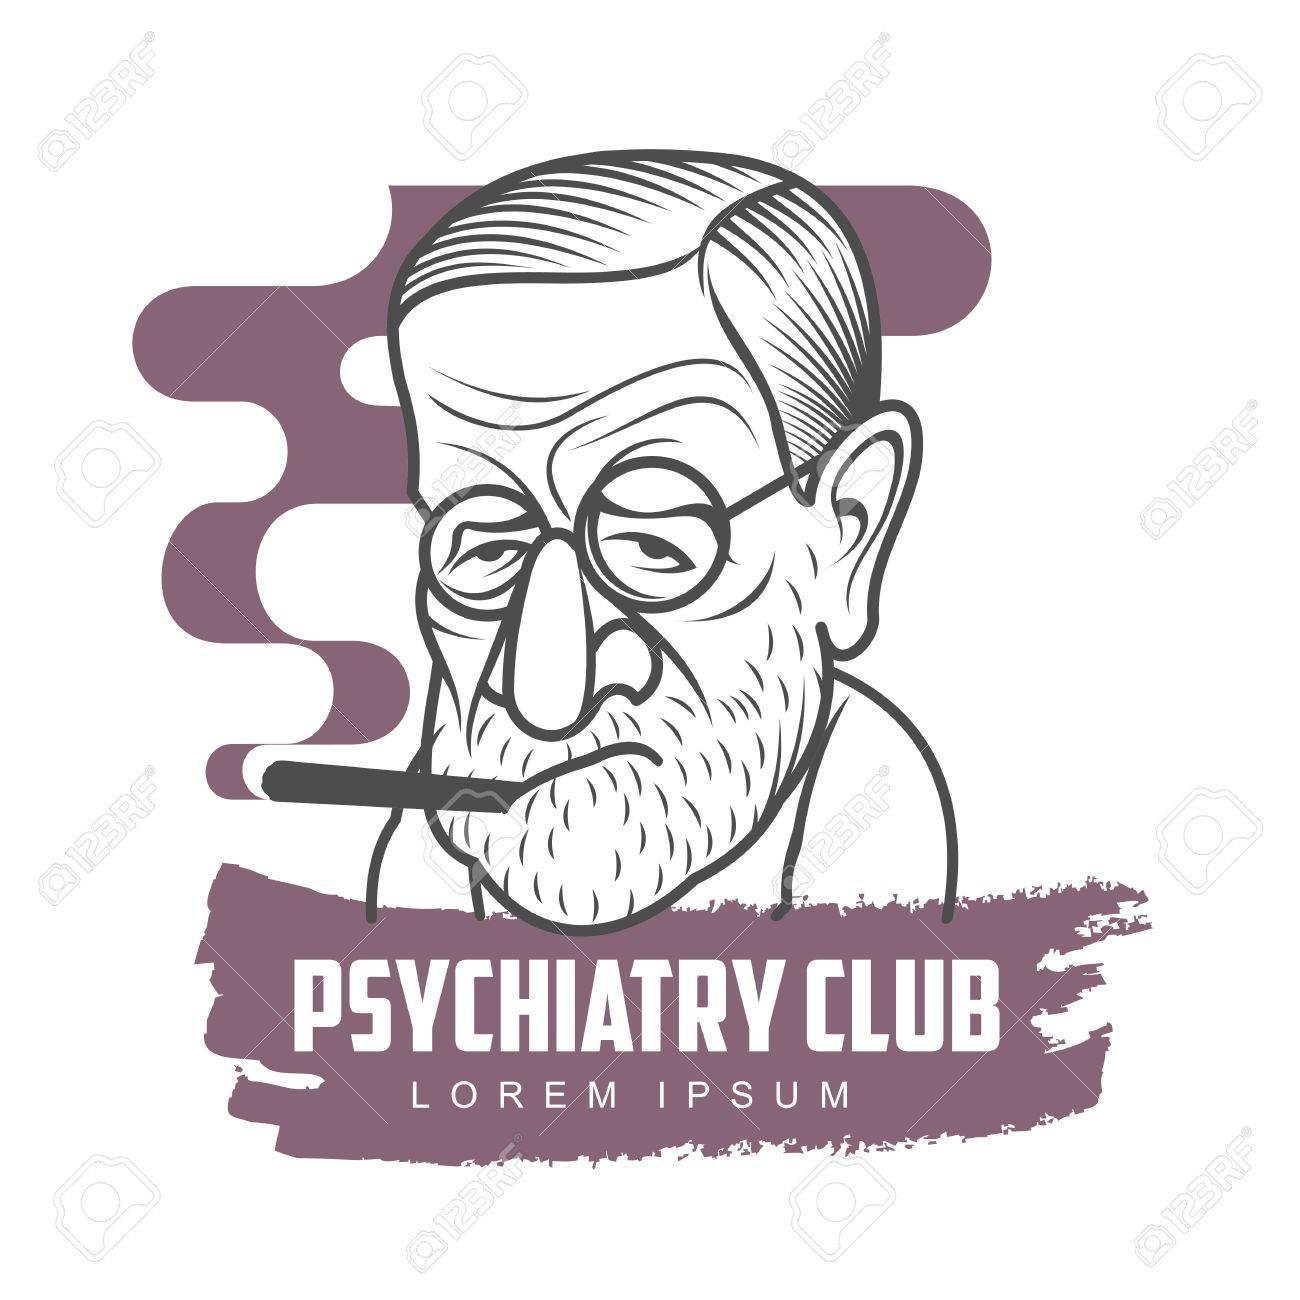 Vektor Cartoon Karikatur Porträt Von Sigmund Freud. Vector Vorlage ...